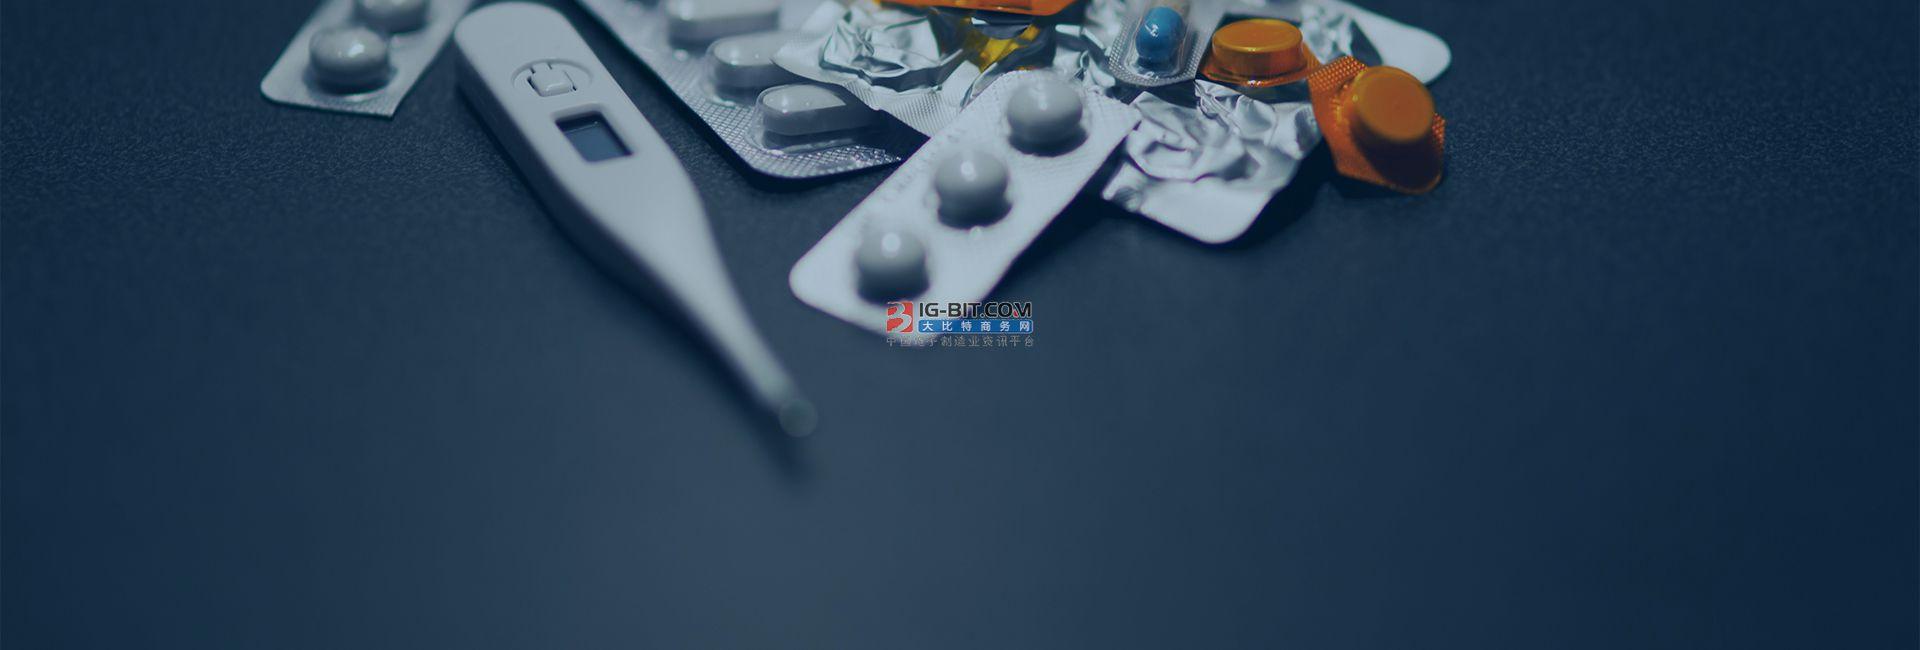 中日友好醫院醫務處處長盧清君:5G確定性網絡加速智慧醫療蓬勃發展